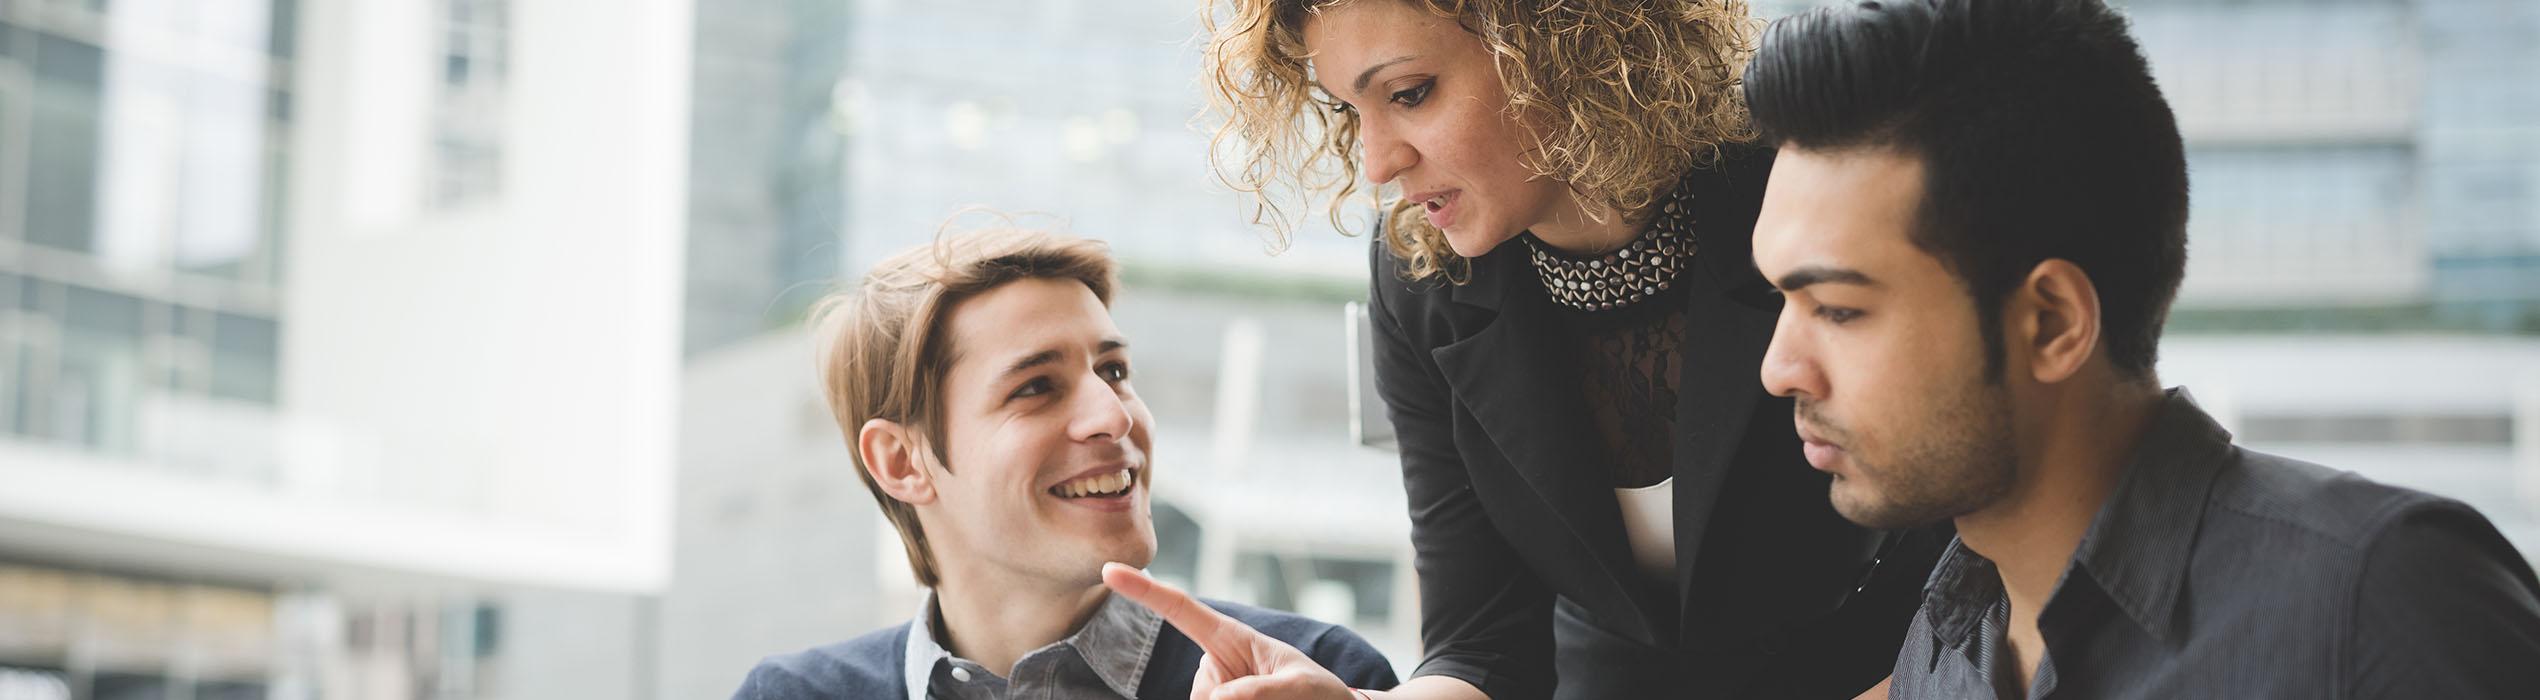 Liberi professionisti insieme: cos'è e quali sono i vantaggi dello studio associato